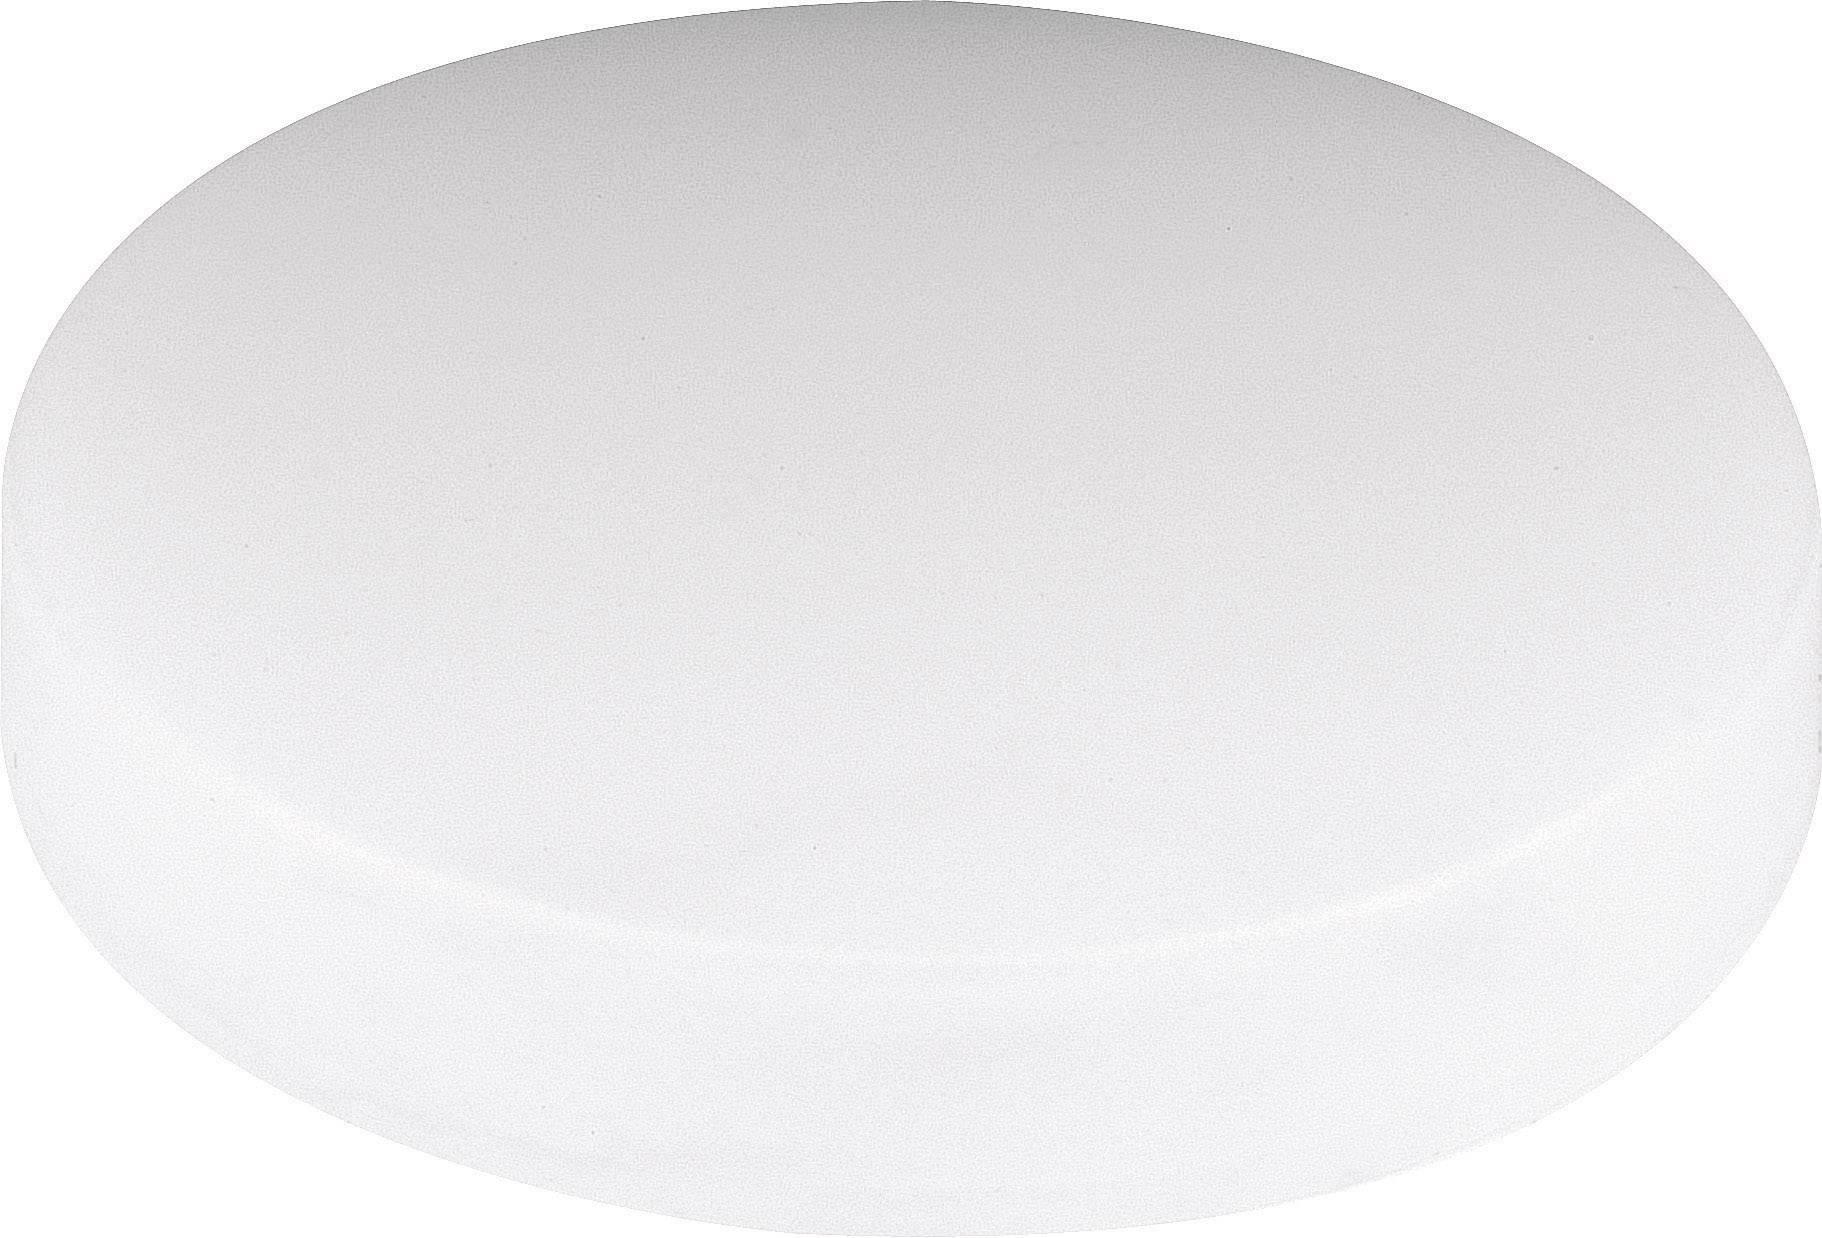 Světelná krytka pro reflektor Mentor, 2450.0600, 12 mm, (Ø x v) 13.3 mm x 3 mm, opálová